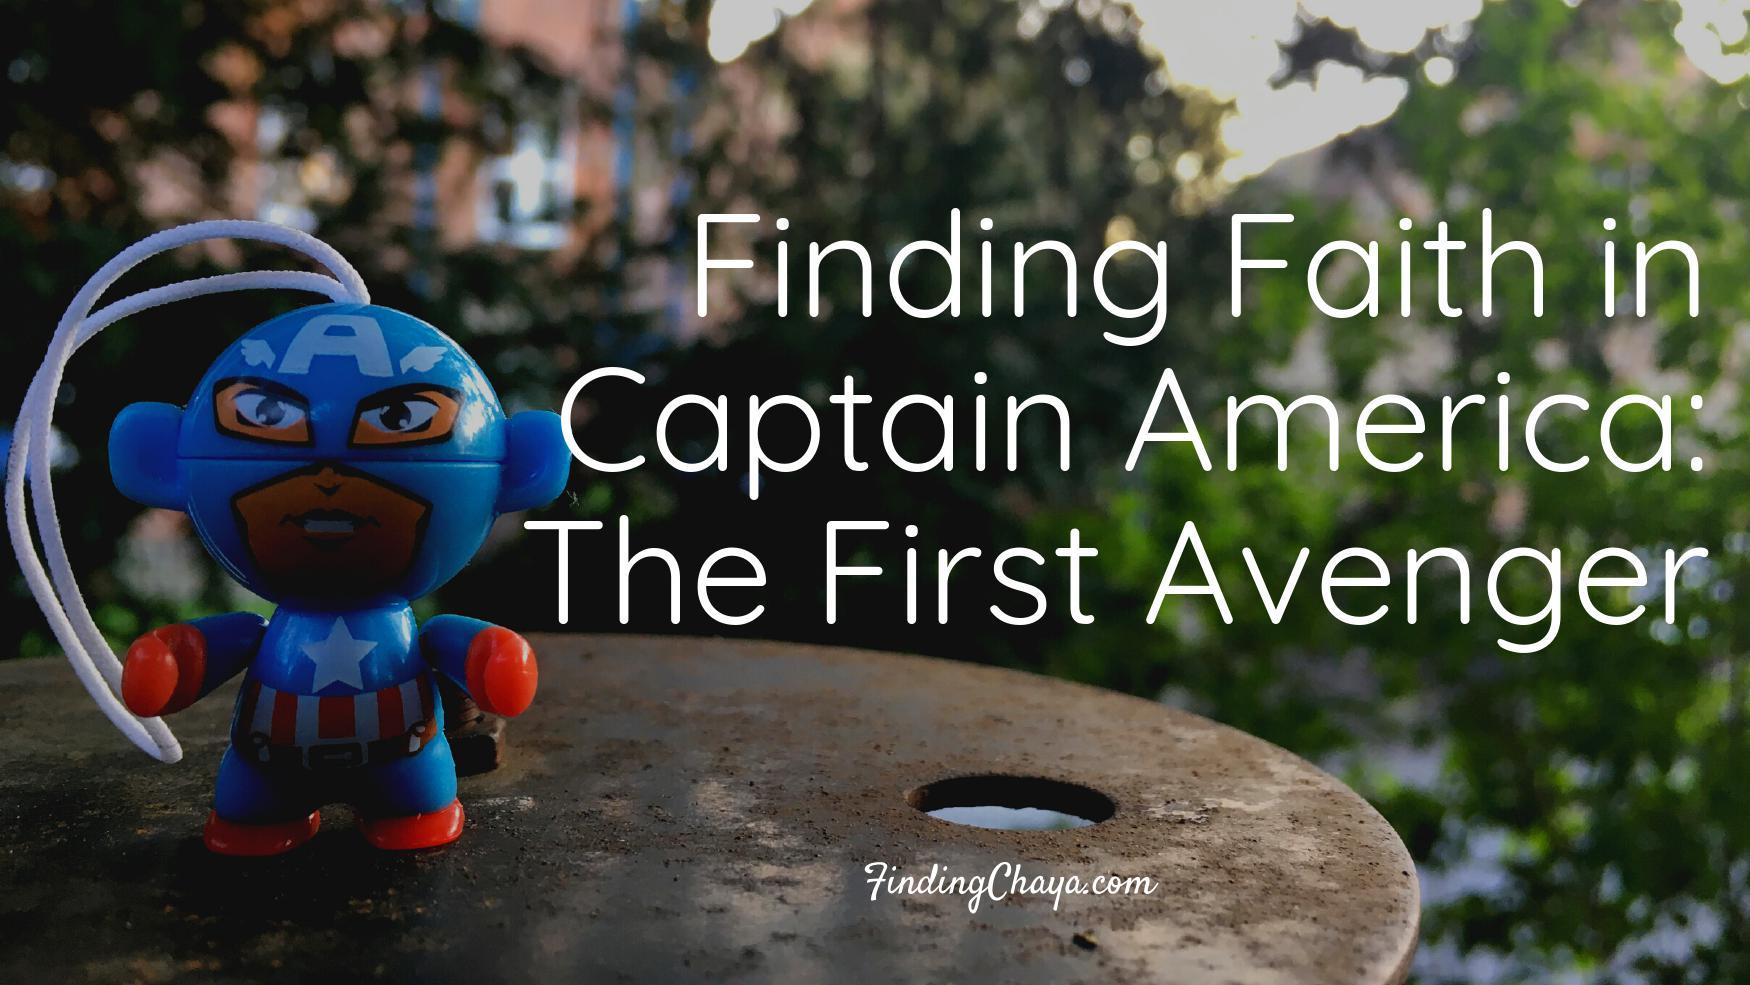 The Marvel Lockdown || Finding Faith in Captain America: The First Avenger